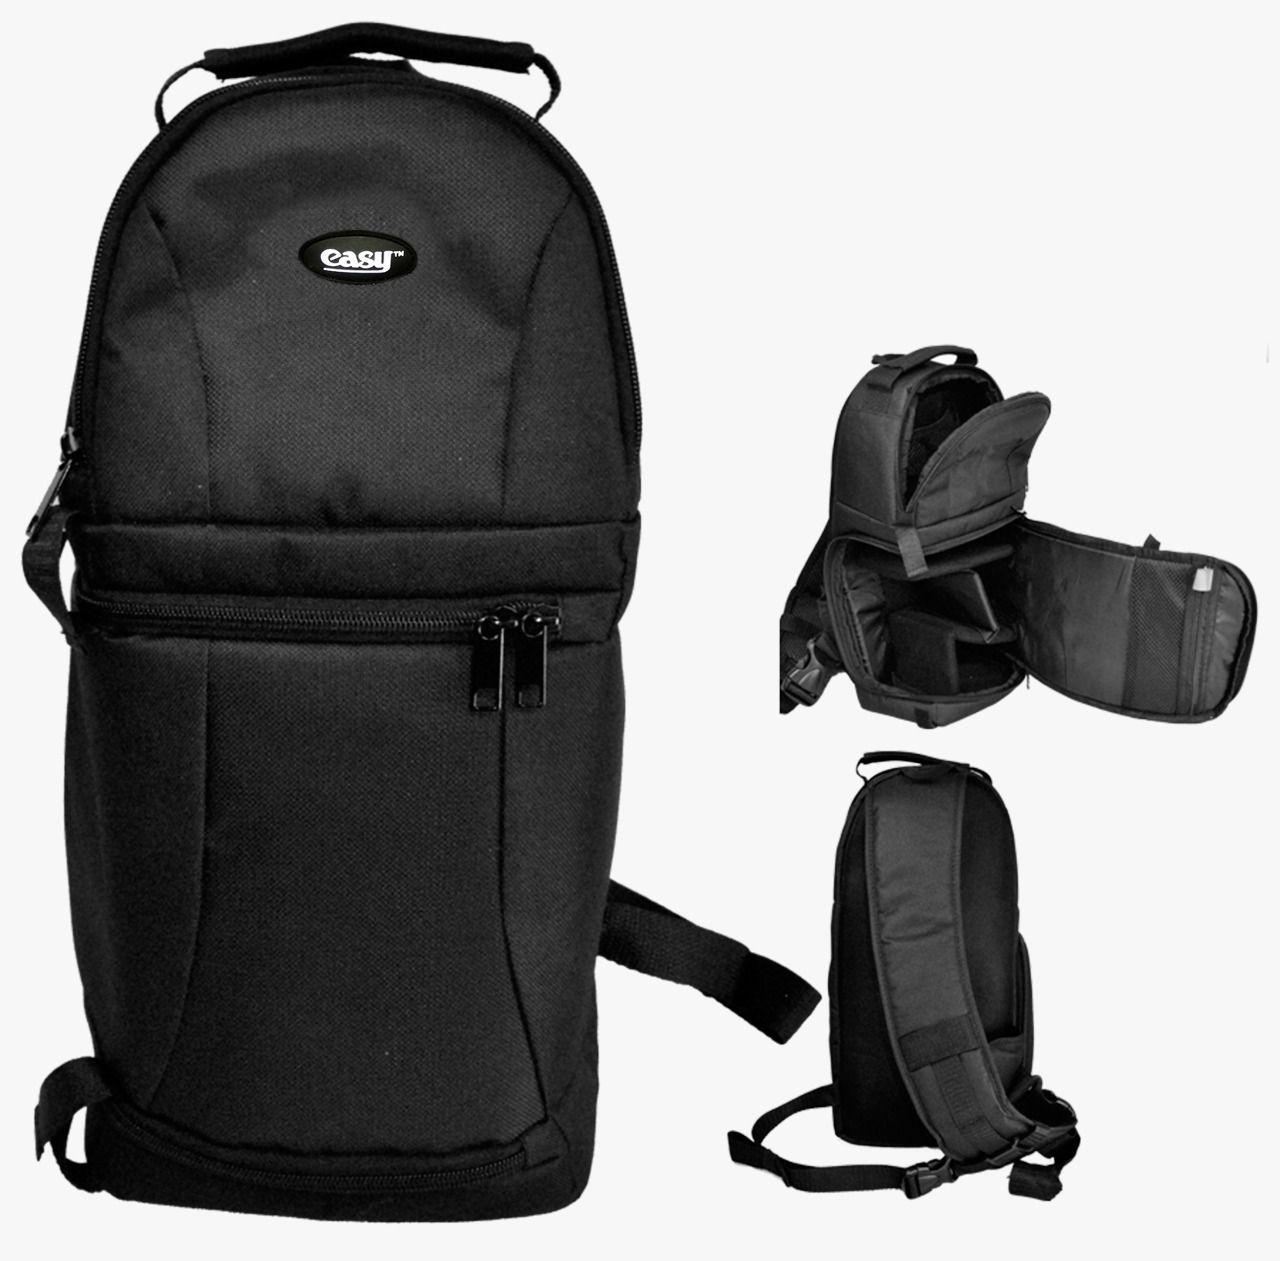 Mochila Easy Compacta Para Câmera Fotografica Filmadora E Acessórios - EC-8825FE